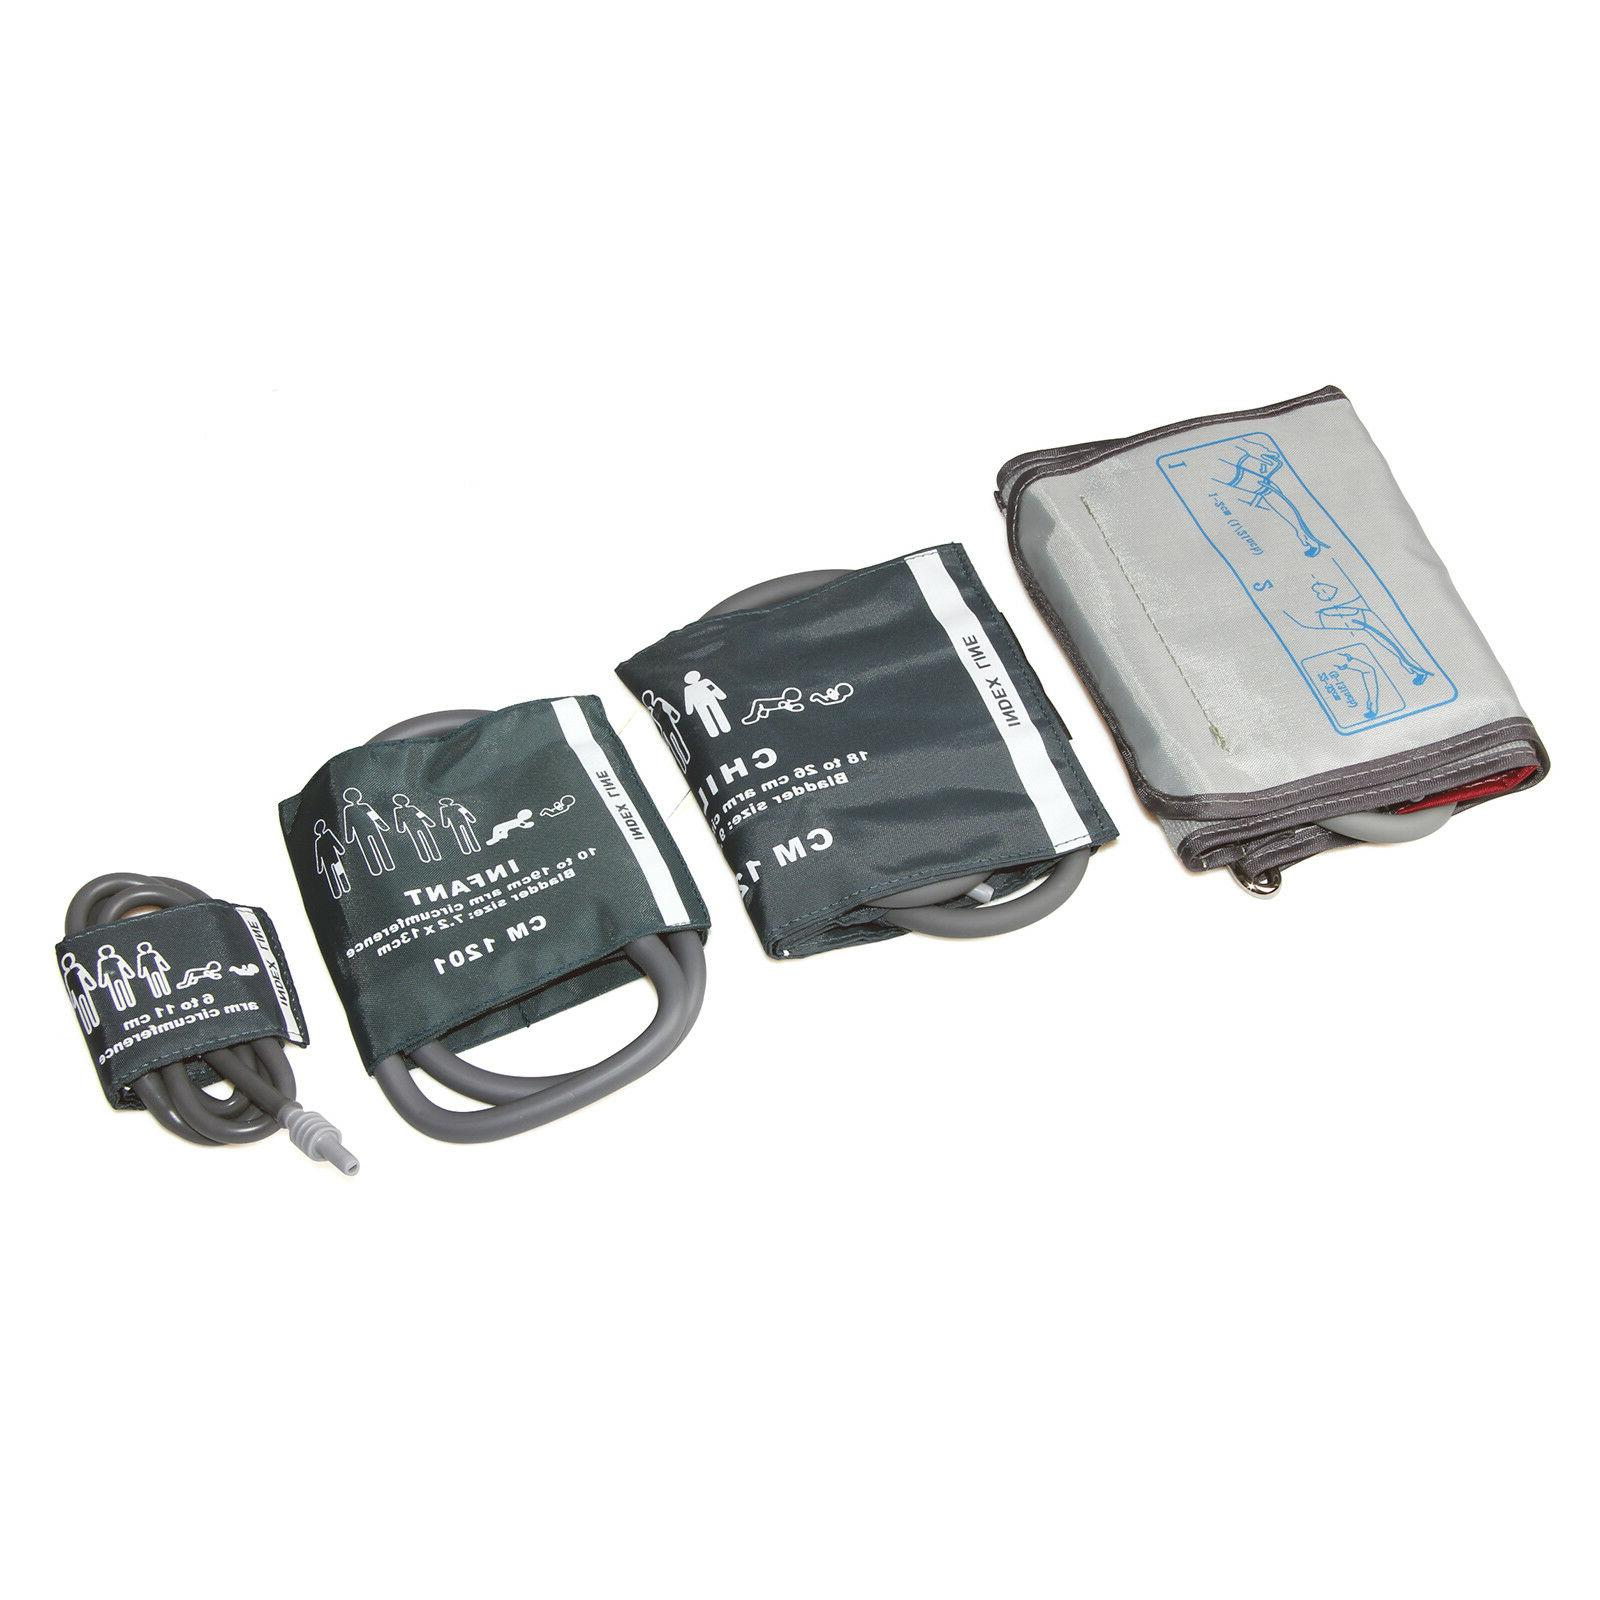 CONTEC-08A Digital Blood Pressure Monitor Upper Cuffs+SW Adult/Pediatric